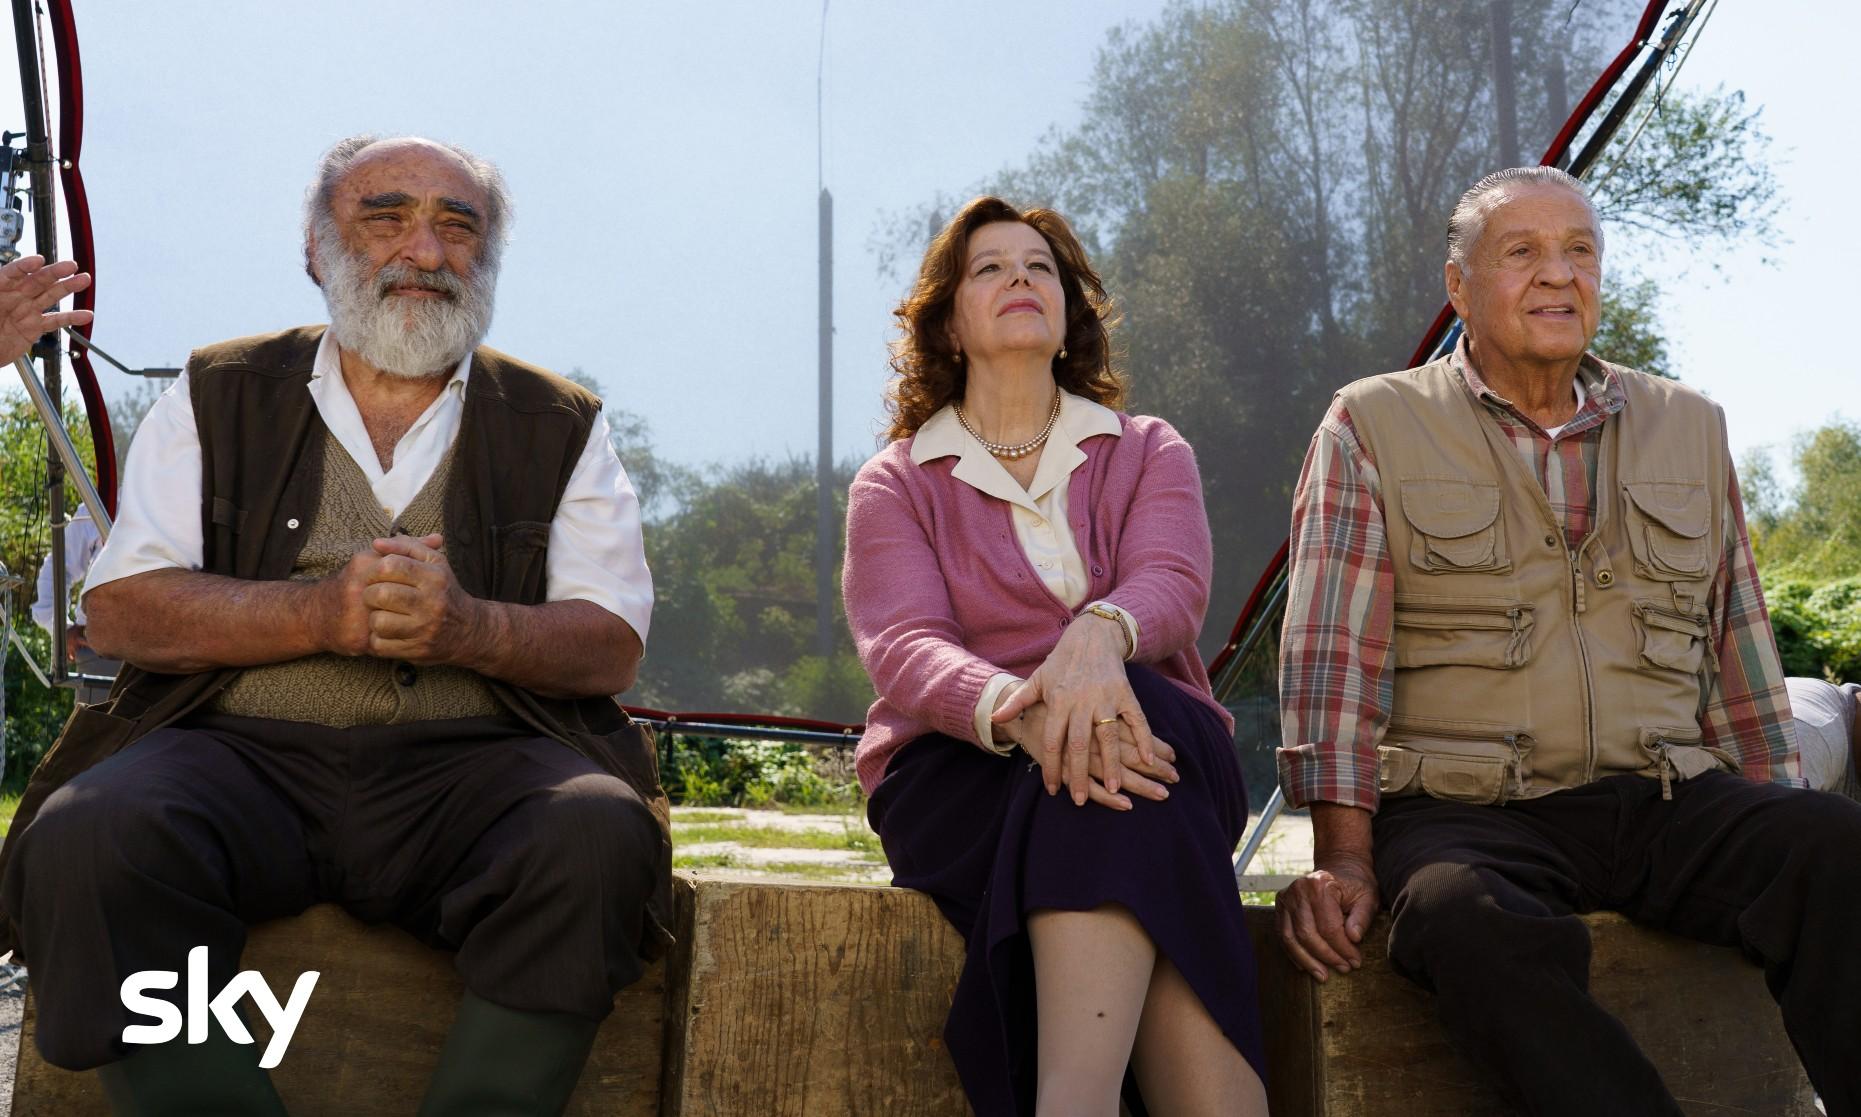 LEI MI PARLA ANCORA: il nuovo film Sky Original diretto da PUPI AVATI in prima assoluta l'8 febbraio su Sky Cinema e NOW TV